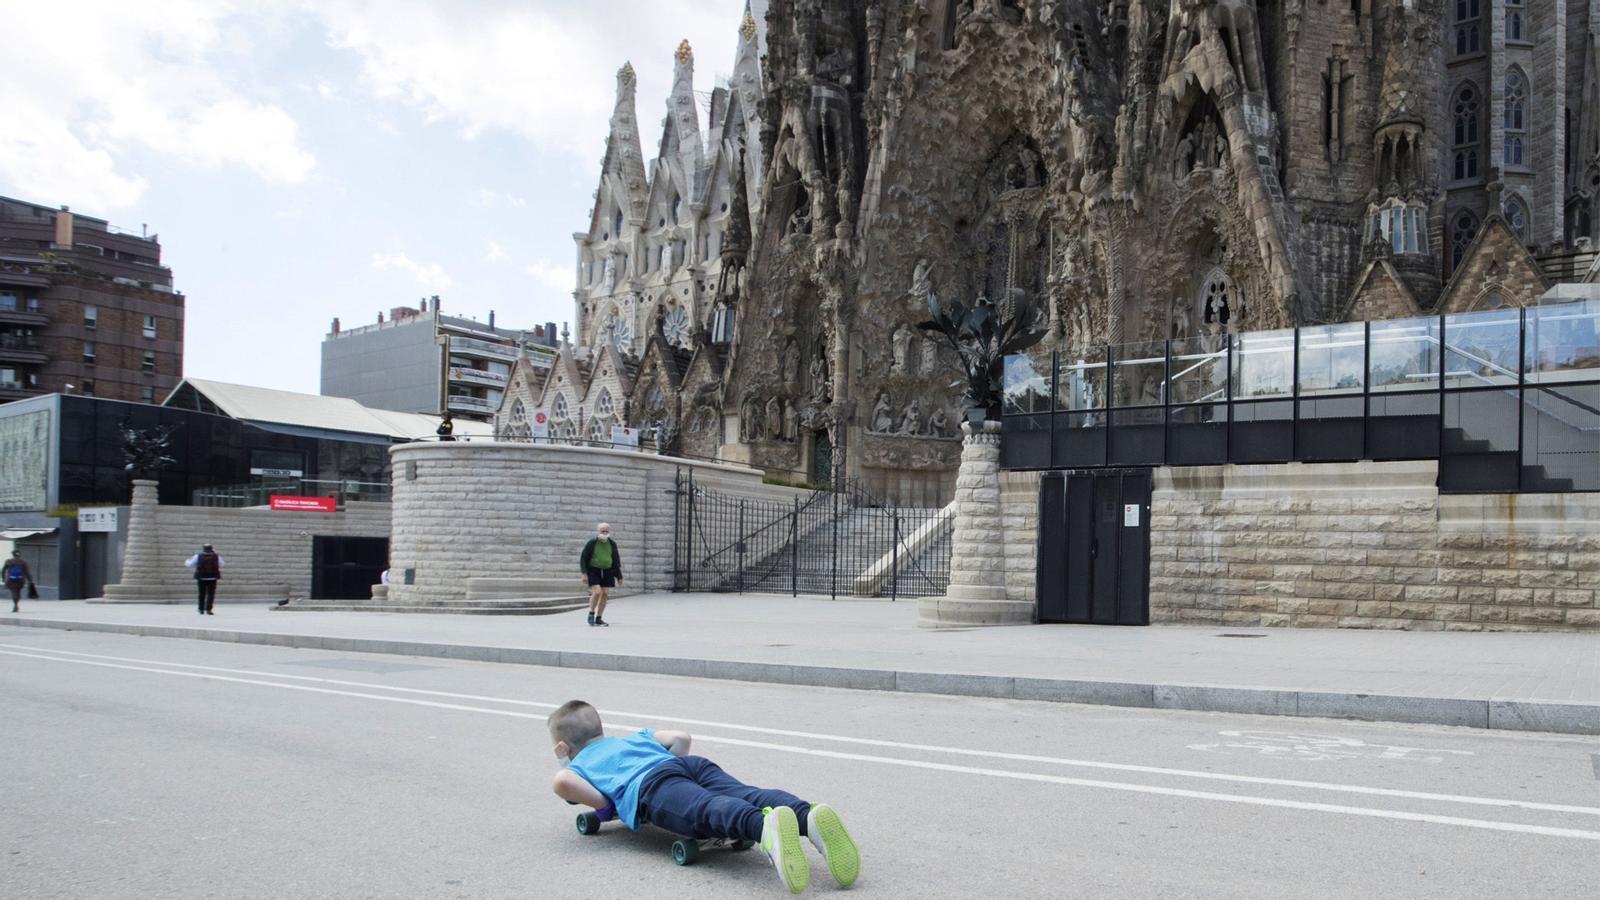 Lleida, Girona i la Catalunya Central a la fase 1, multes per aparcar la moto a la vorera a Barcelona i com desinfectar la botiga: les claus del dia, amb Antoni Bassas (14/05/2020)